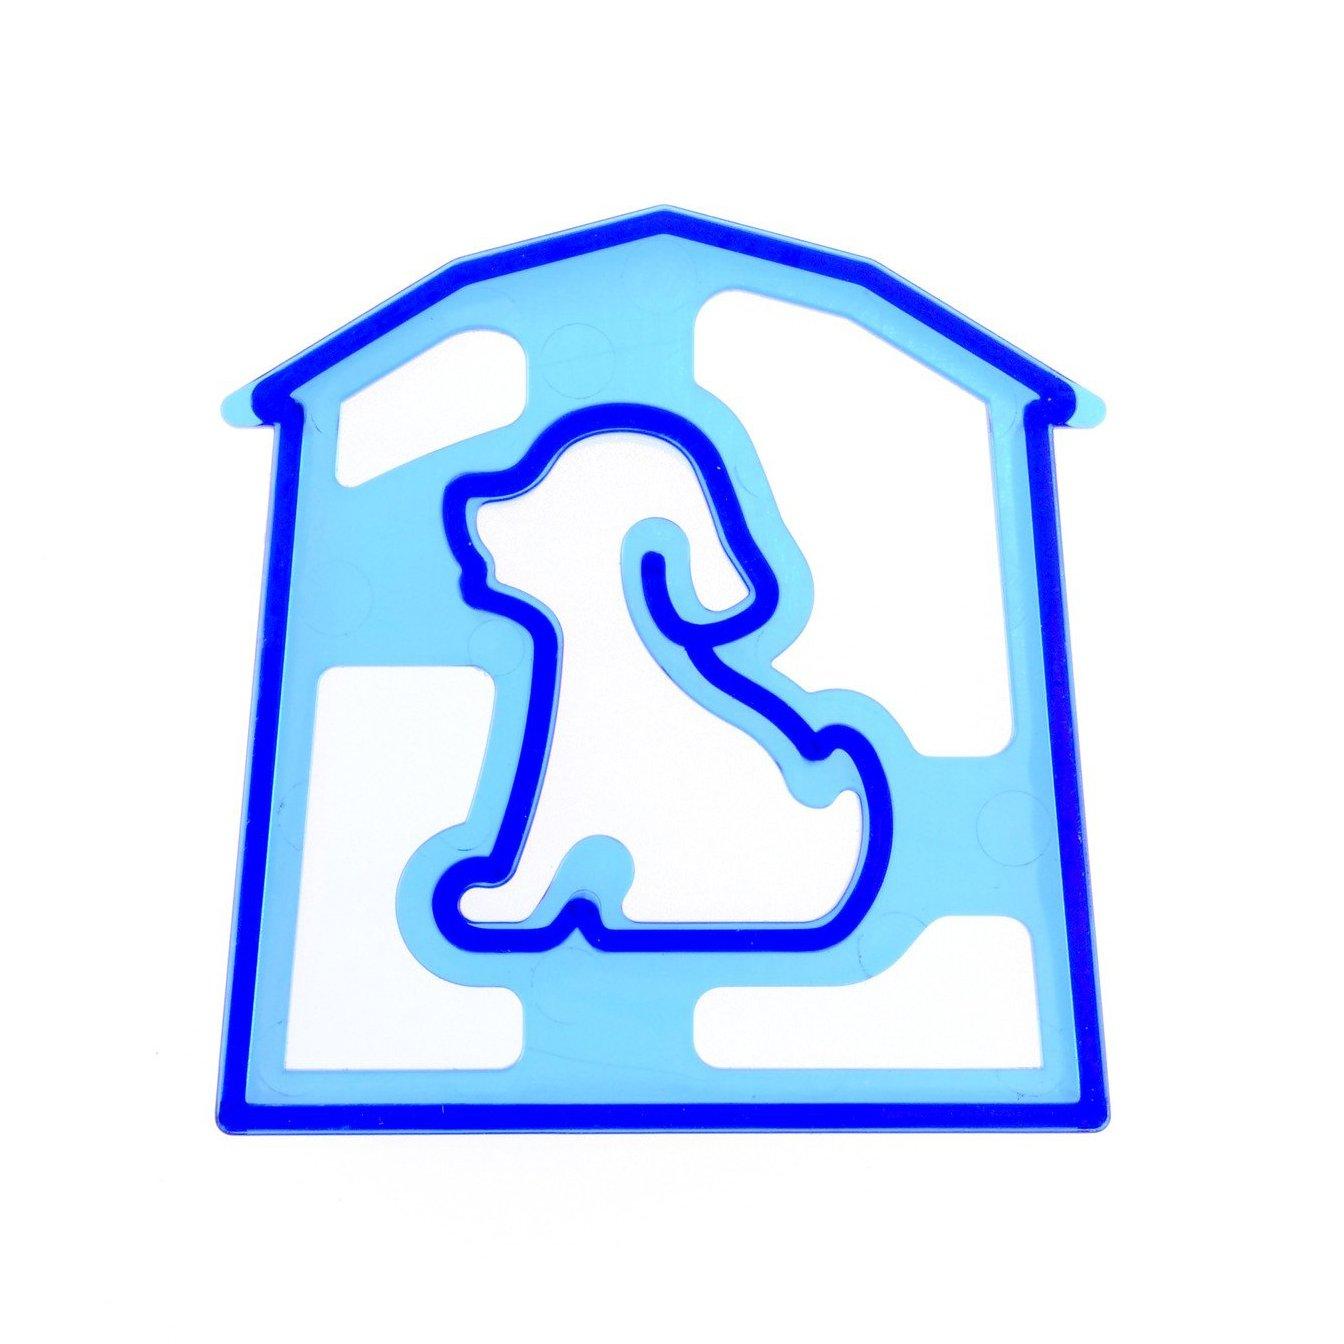 Dog Shaped Sandwich Cutter Cookie Biscuit Cutter - Blue NDRTJM TRTA11A